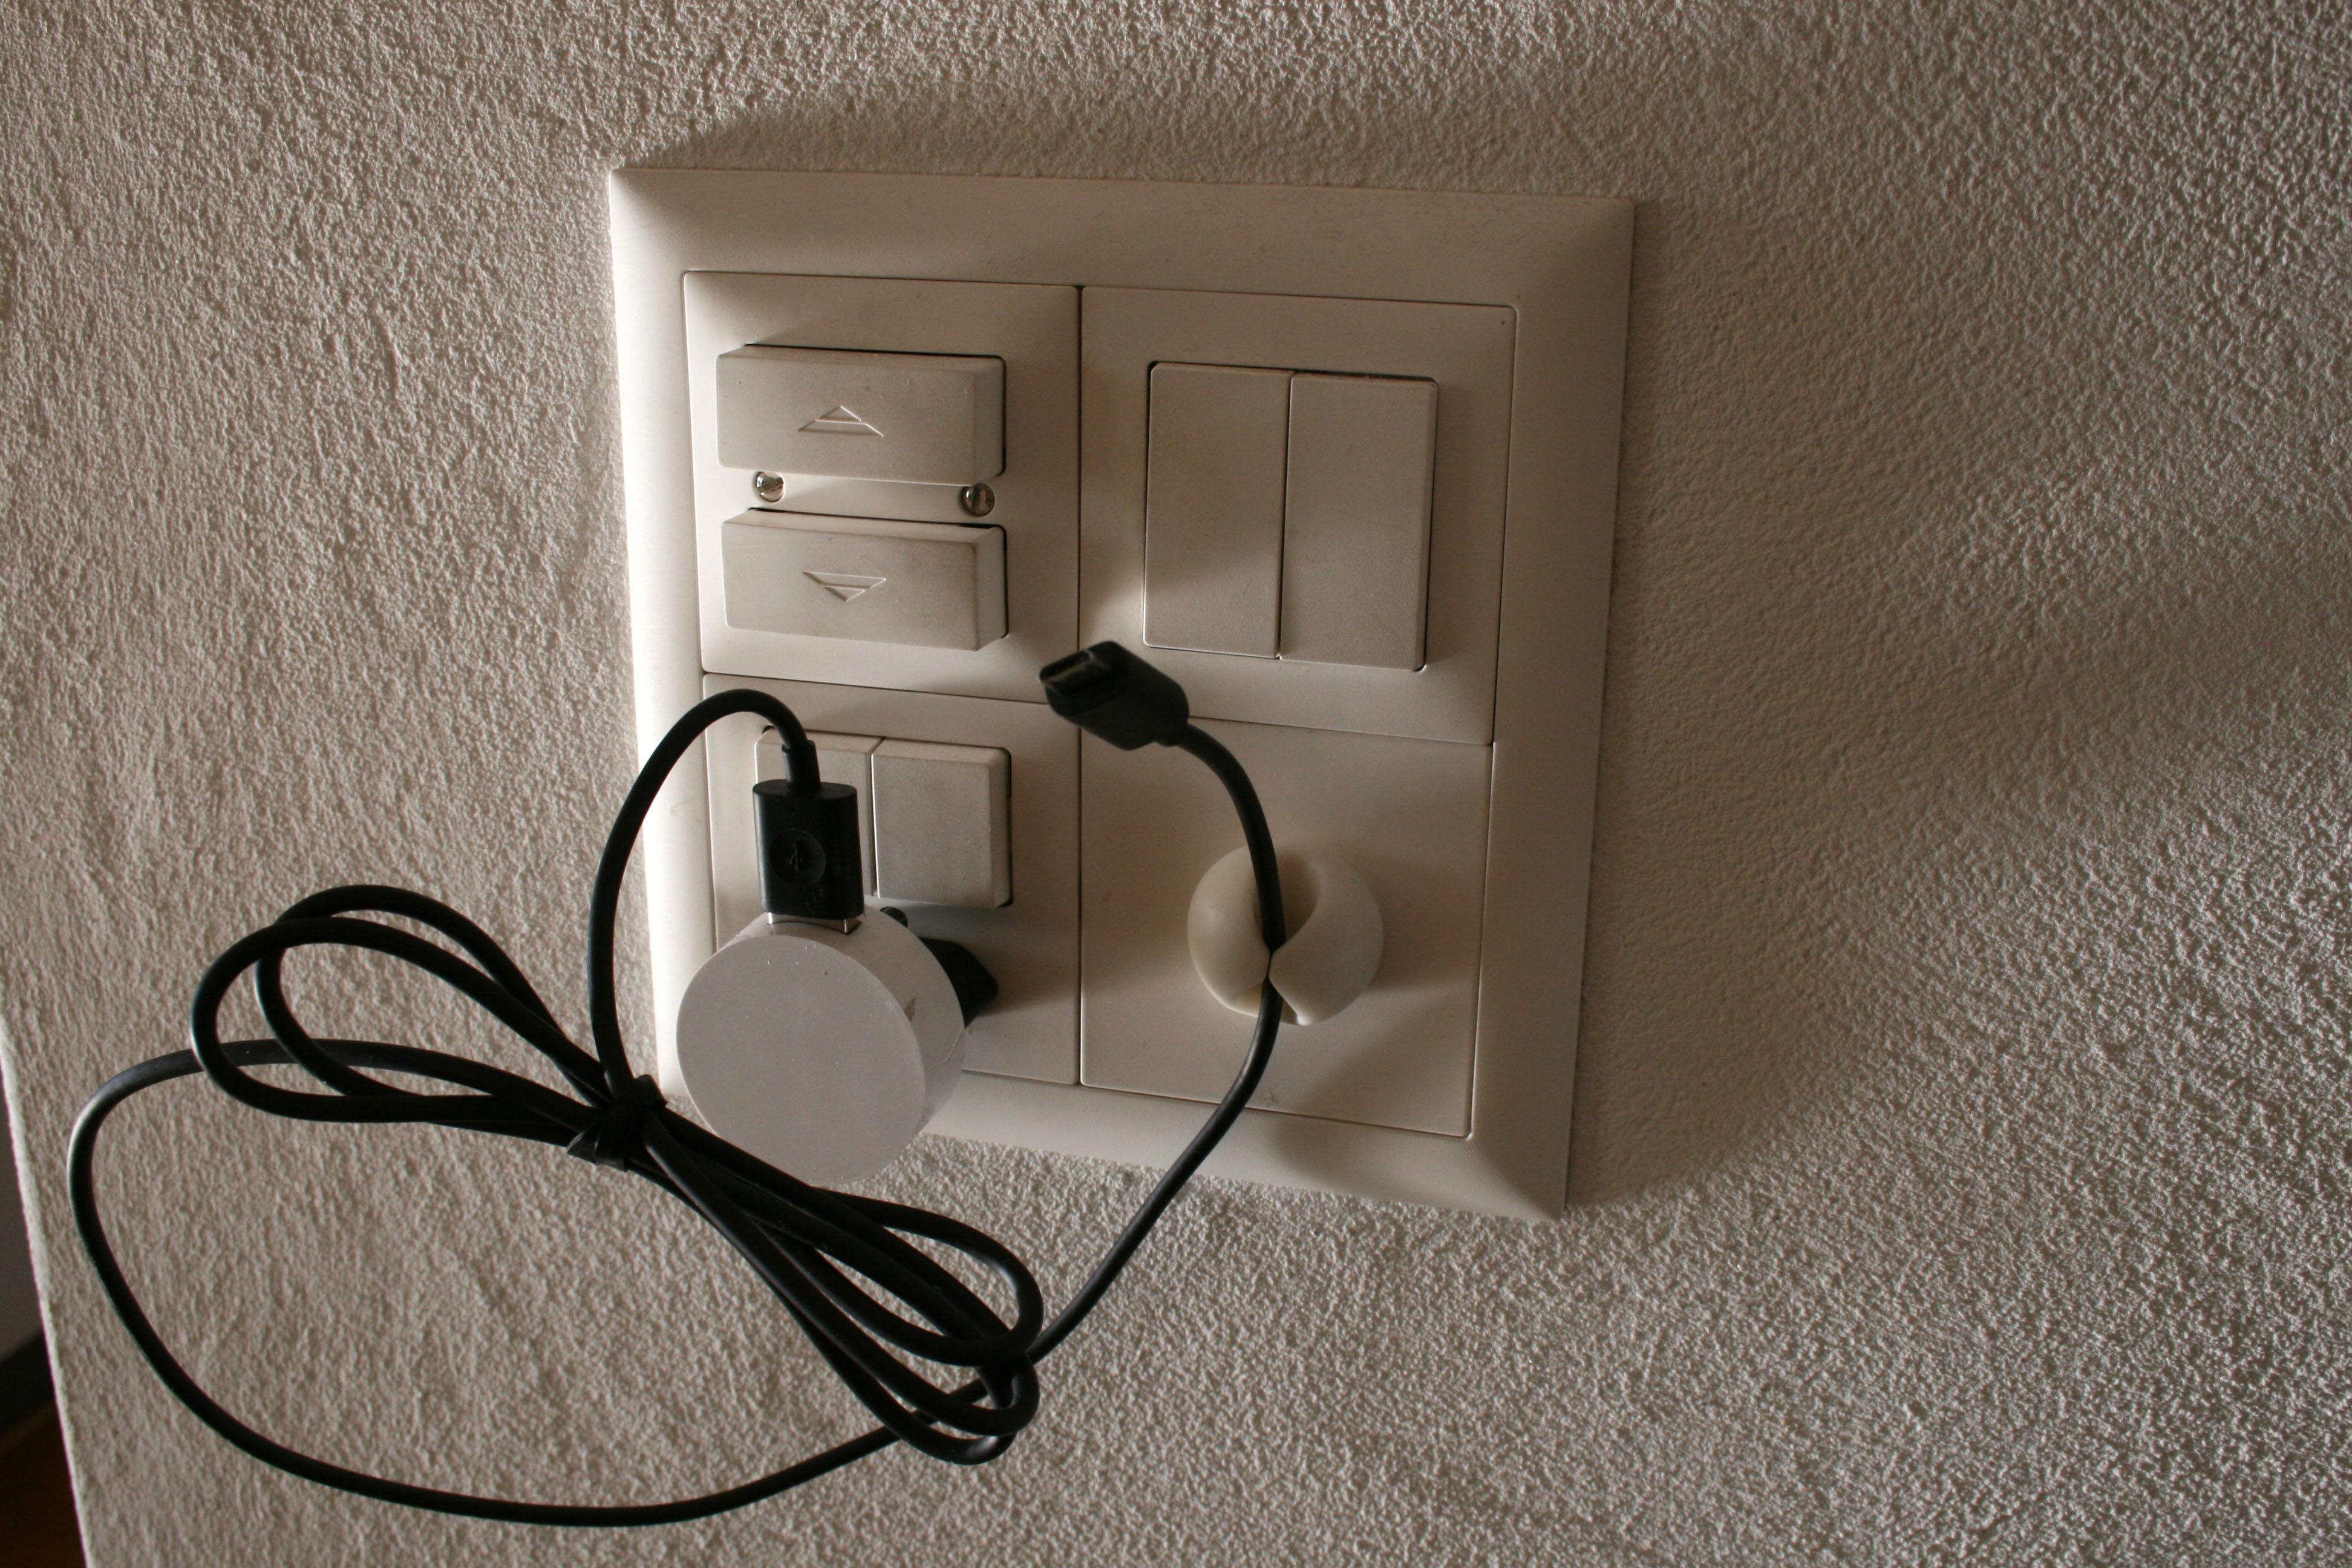 kabel am schreibtisch verstecken sch ne ideen kabel schreibtisch verstecken alle m bel geniale. Black Bedroom Furniture Sets. Home Design Ideas